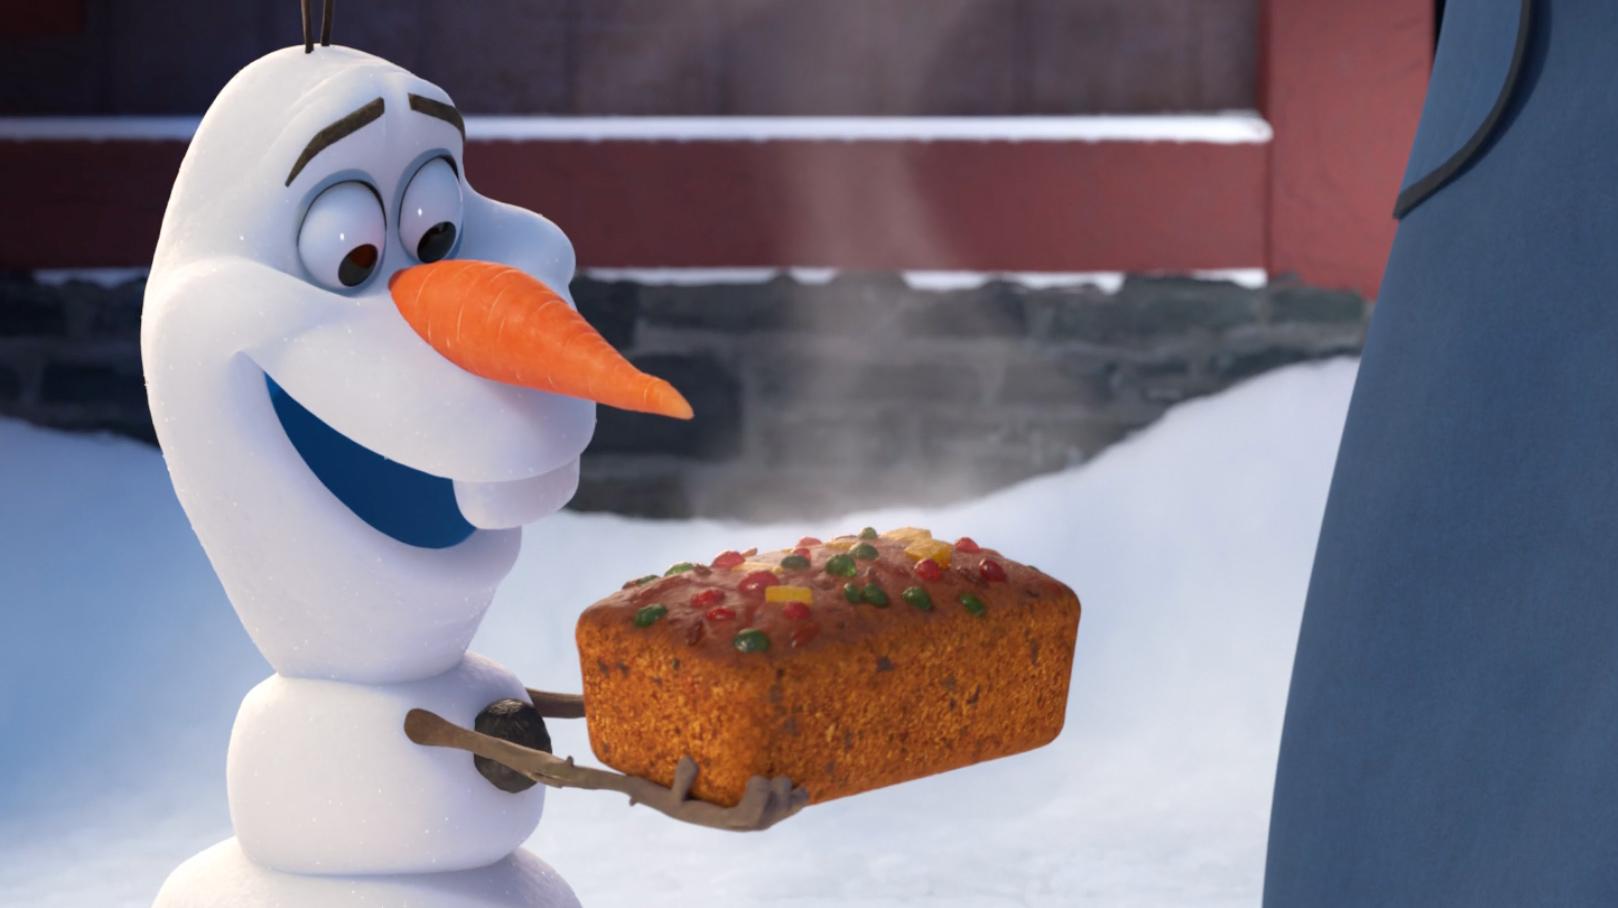 Olafs Frozen Adventure Desktop Wallpaper